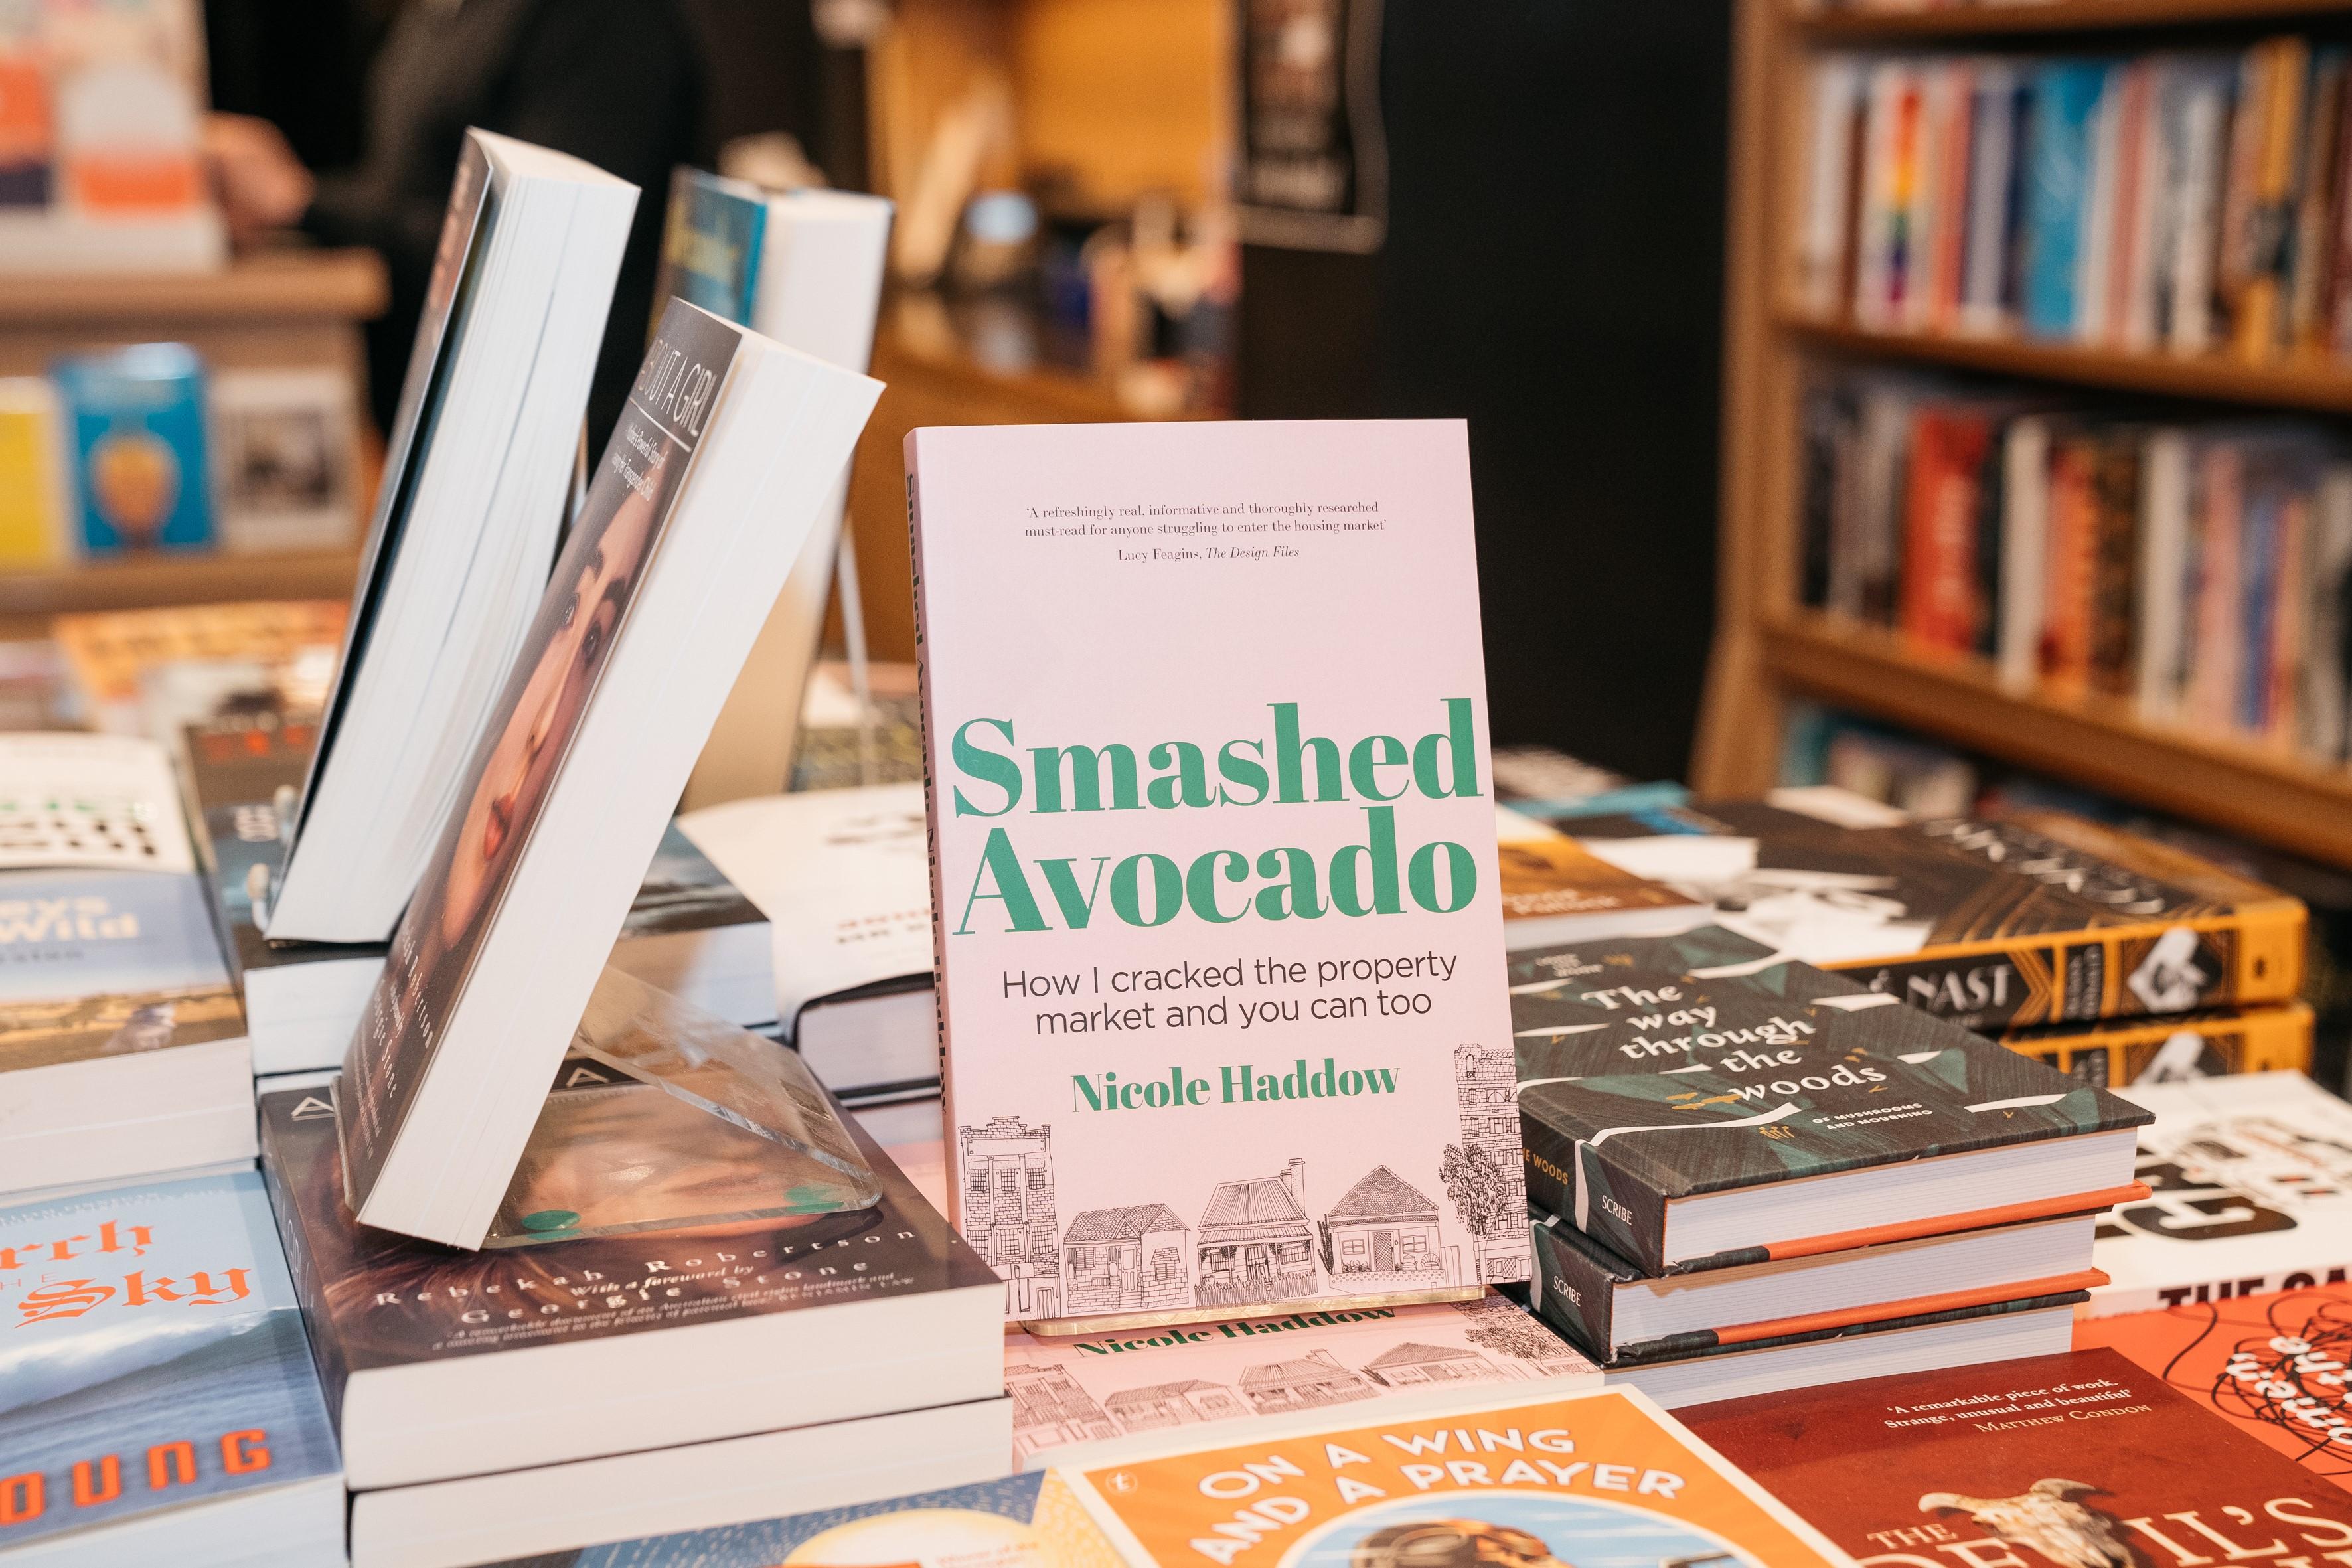 Smashed Avocado TV Deal